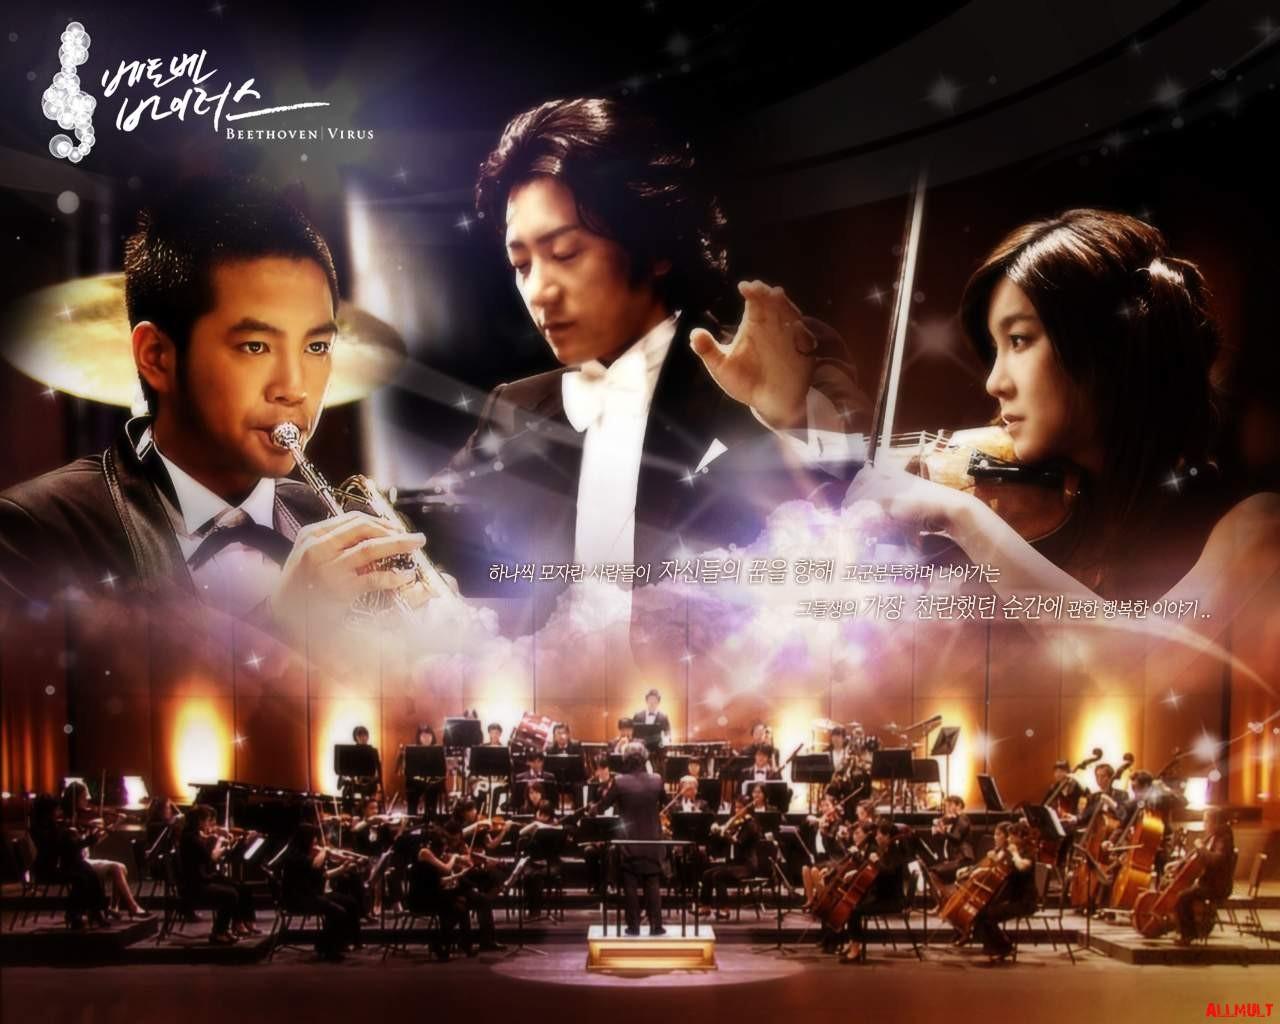 Вирус Бетховена (Beethoven Virus), 2008. Канал MBC